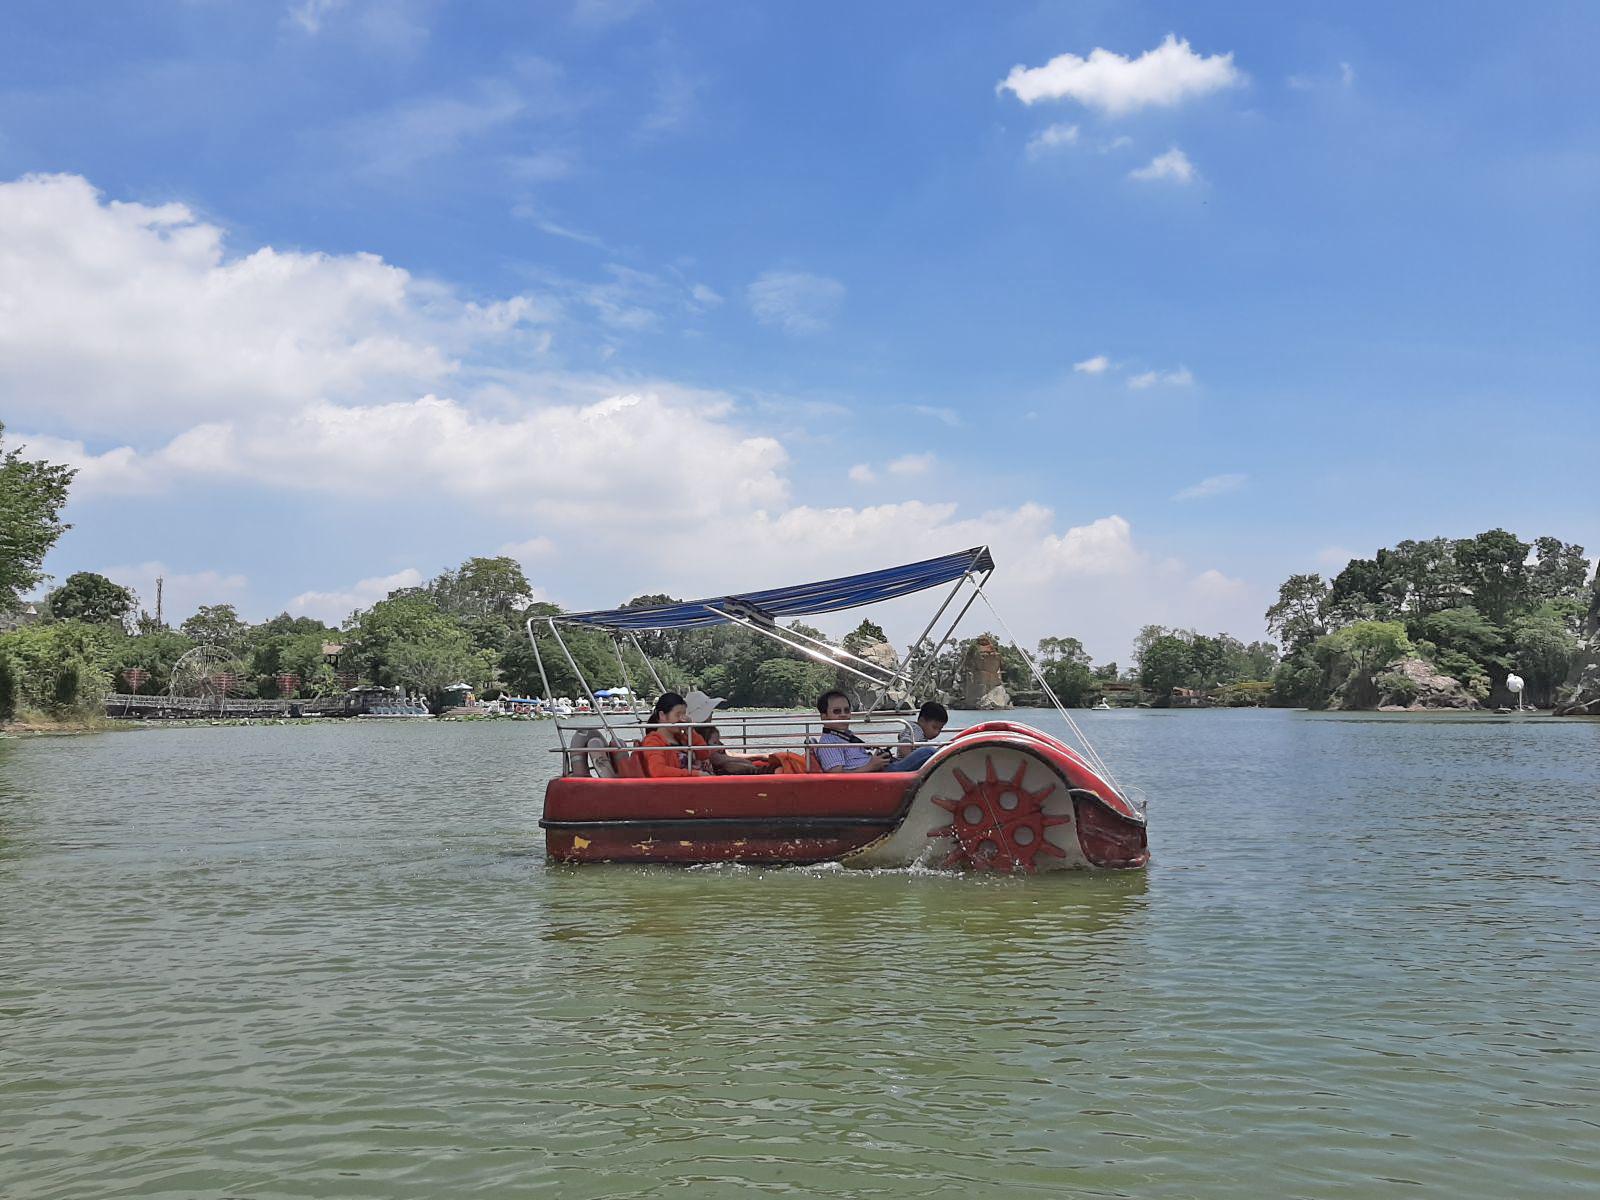 Để sang được Bán đảo Long Sơn Bửu Long, du khách có thể trải nghiệm phương tiện đi thuyền miễn phí, hoặc tự